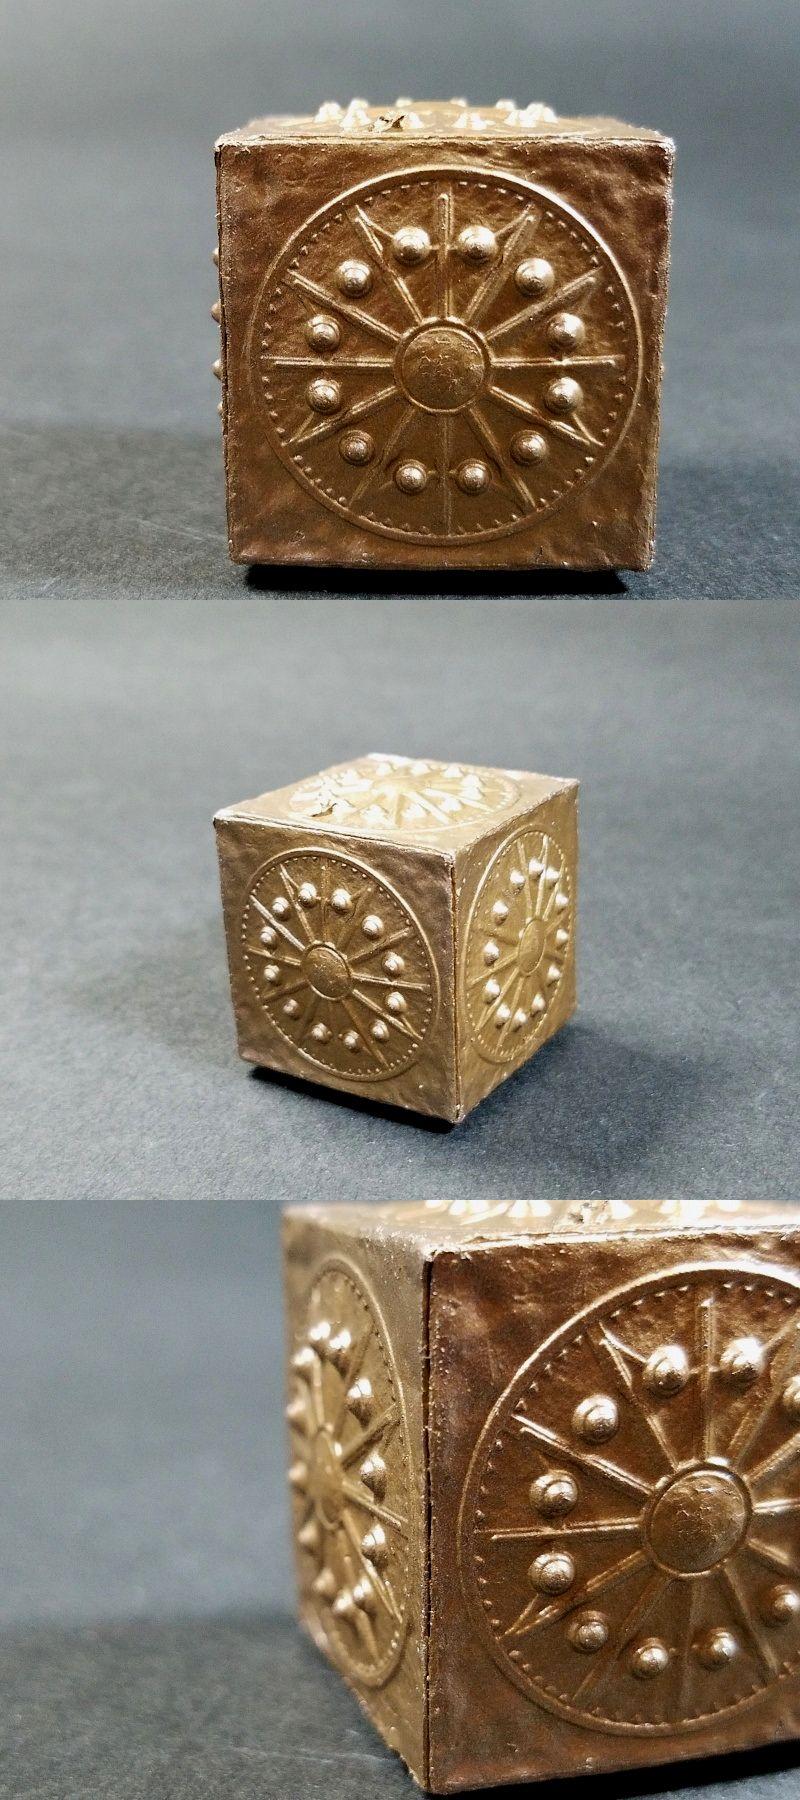 181002-2.jpg